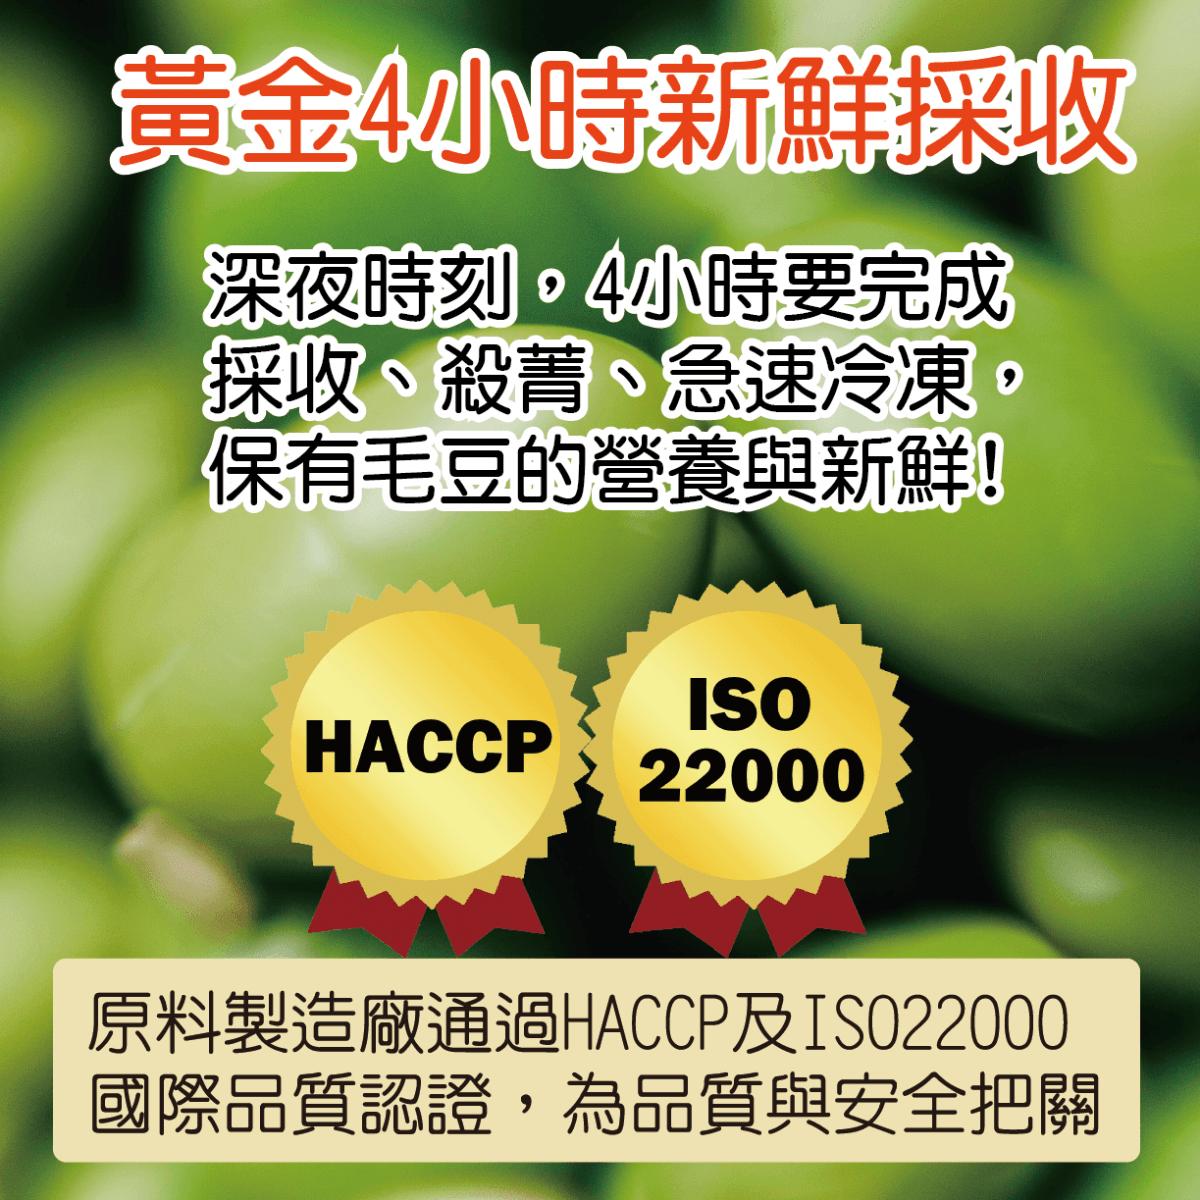 【田食原】新鮮冷凍毛豆仁 300g 養生即食 健康減醣 低碳飲食 健身餐  卵磷脂  冷凍蔬菜 4